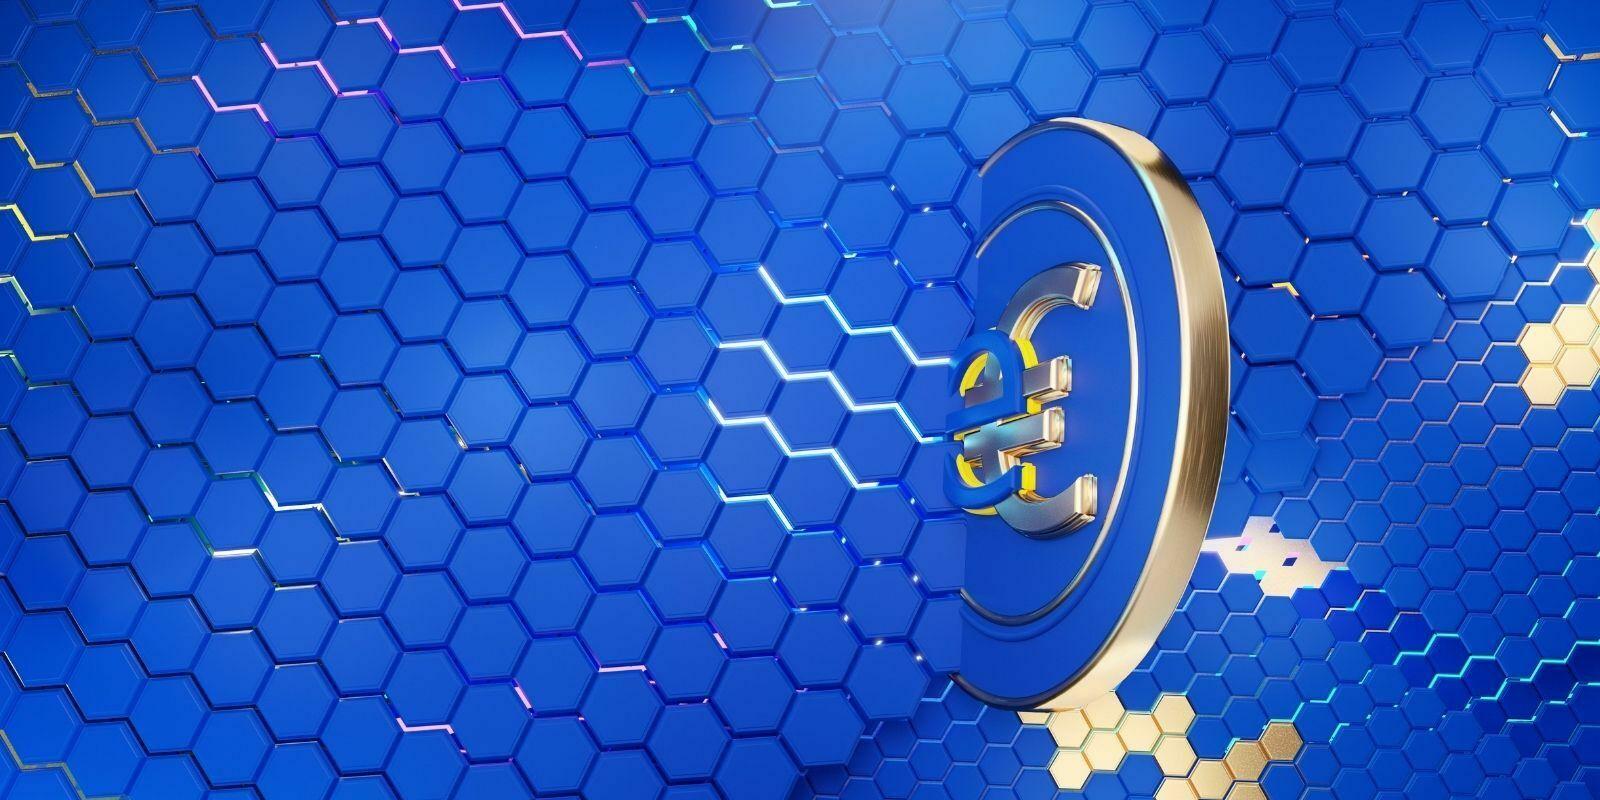 La Banque de France et IZNES réalisent avec succès une expérimentation d'euro numérique